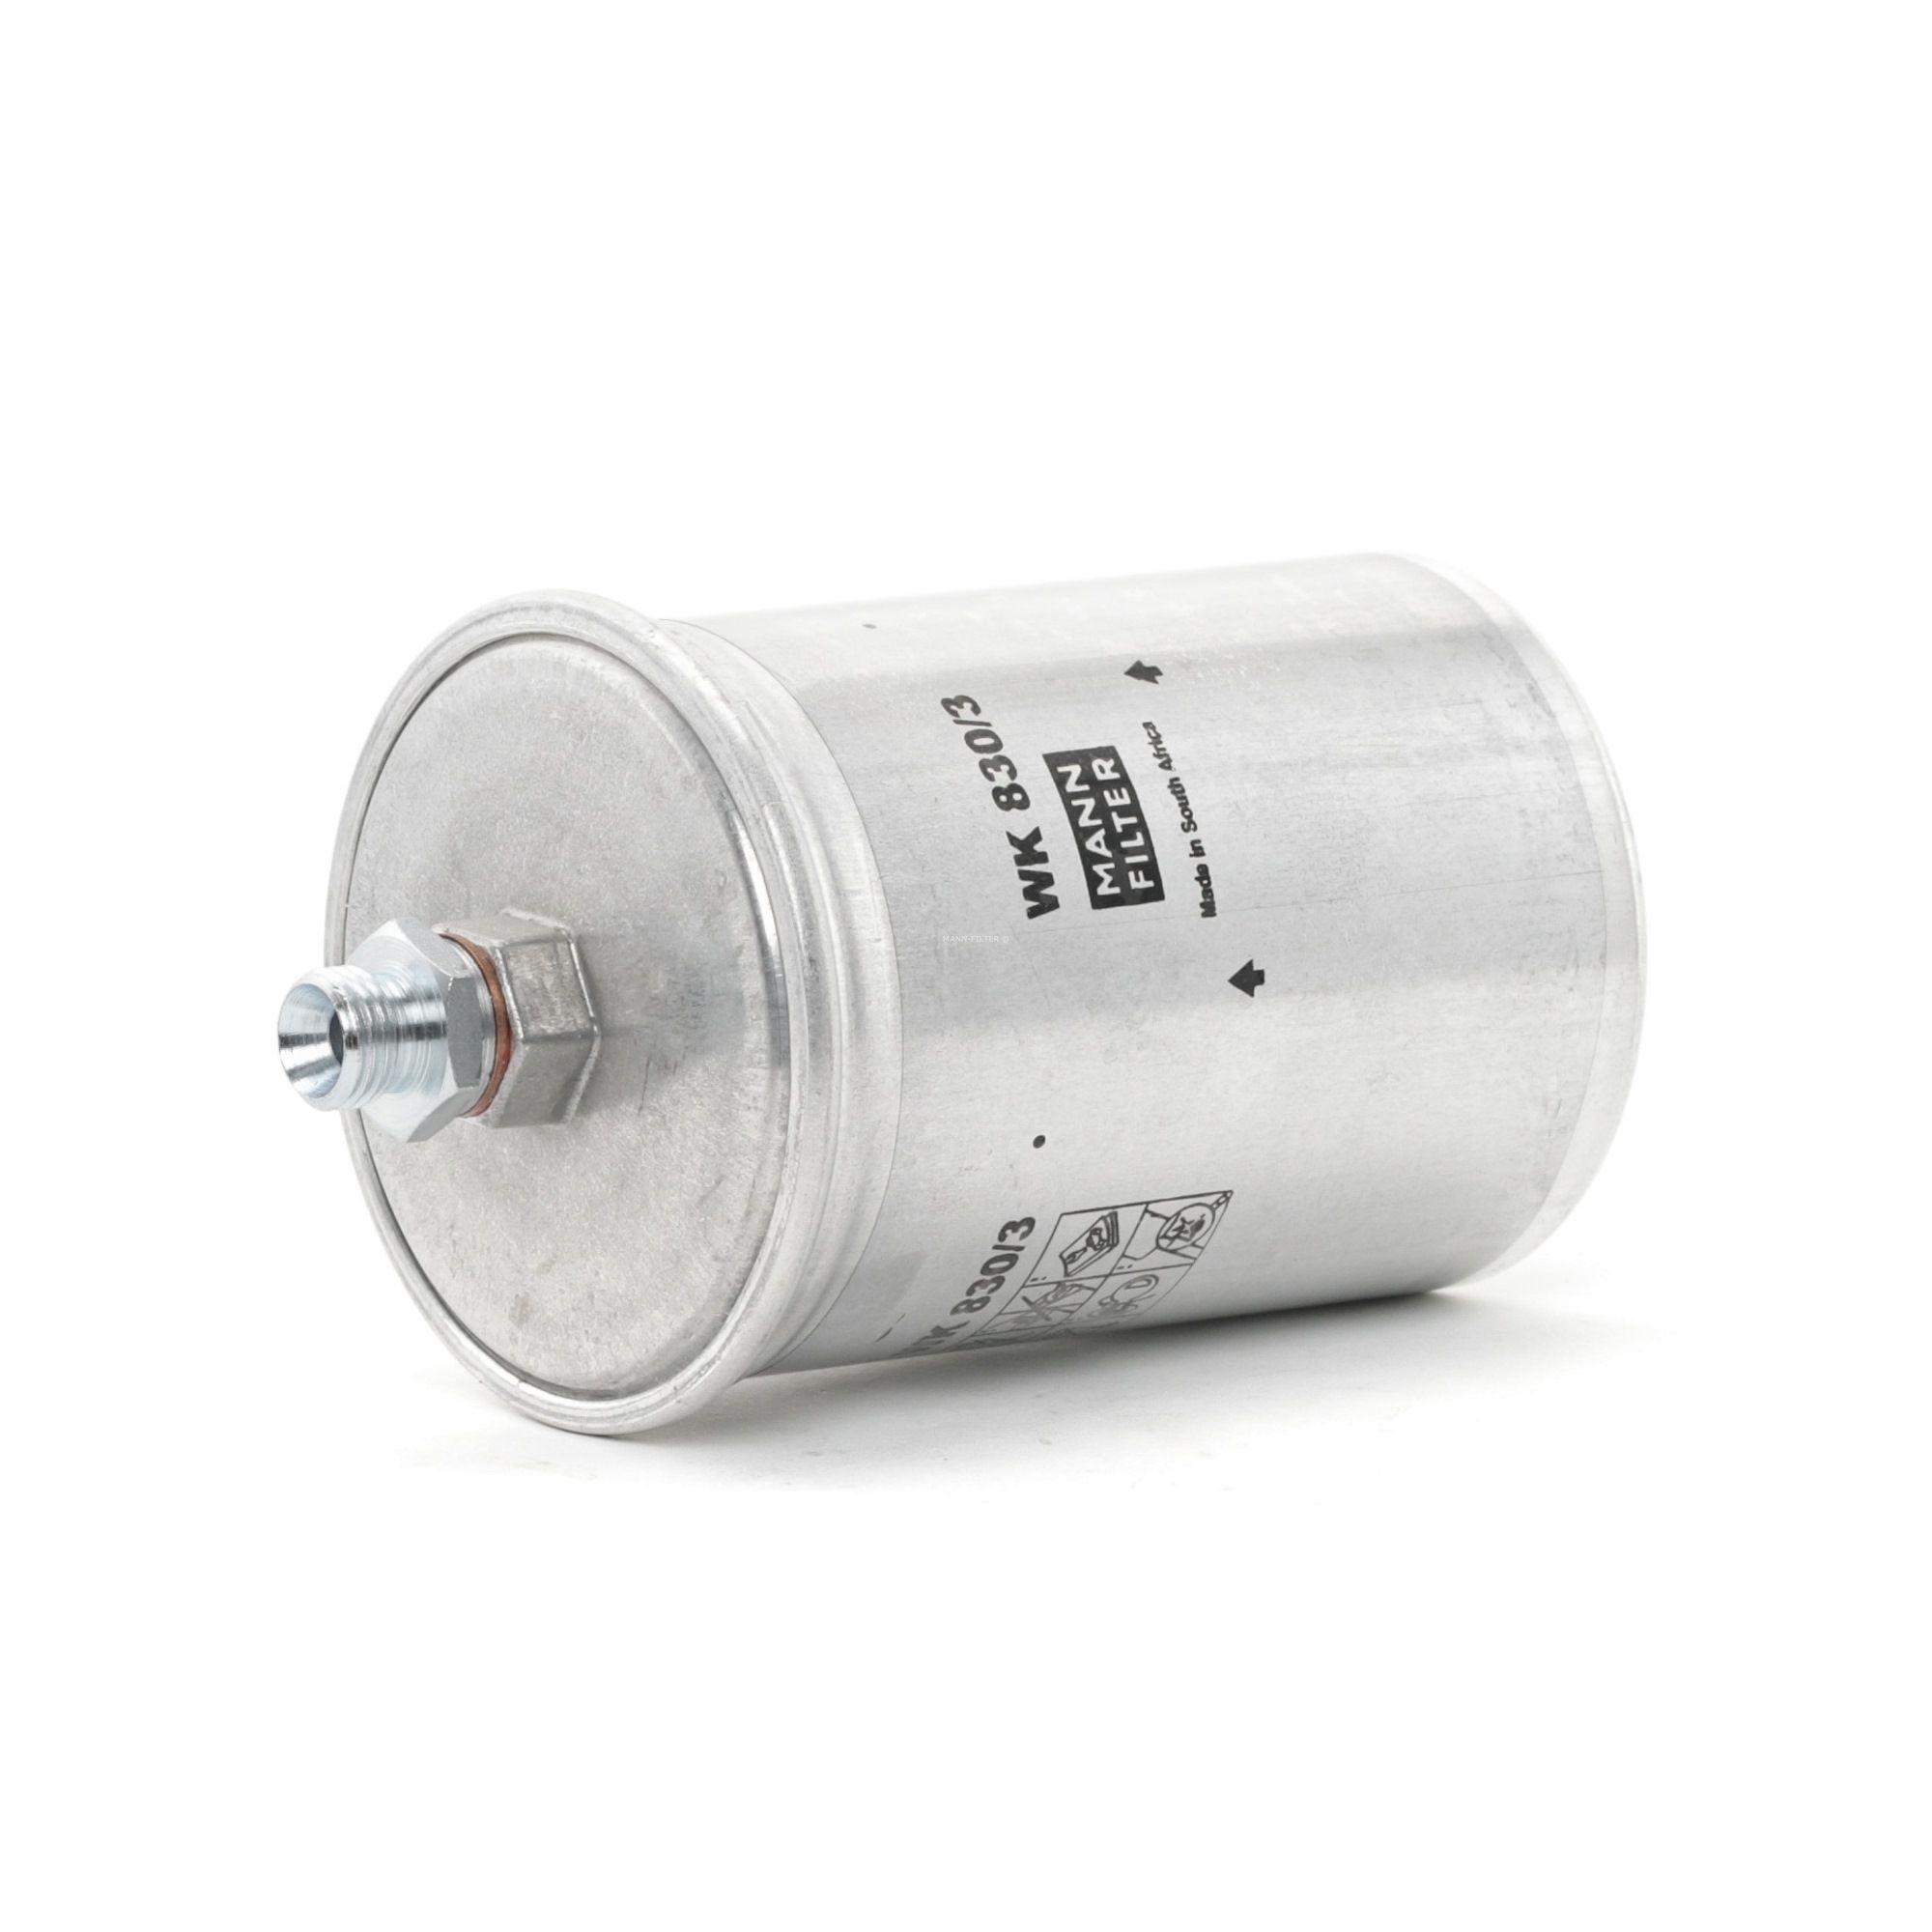 Kraftstofffilter WK 830/3 günstige Preise - Jetzt kaufen!